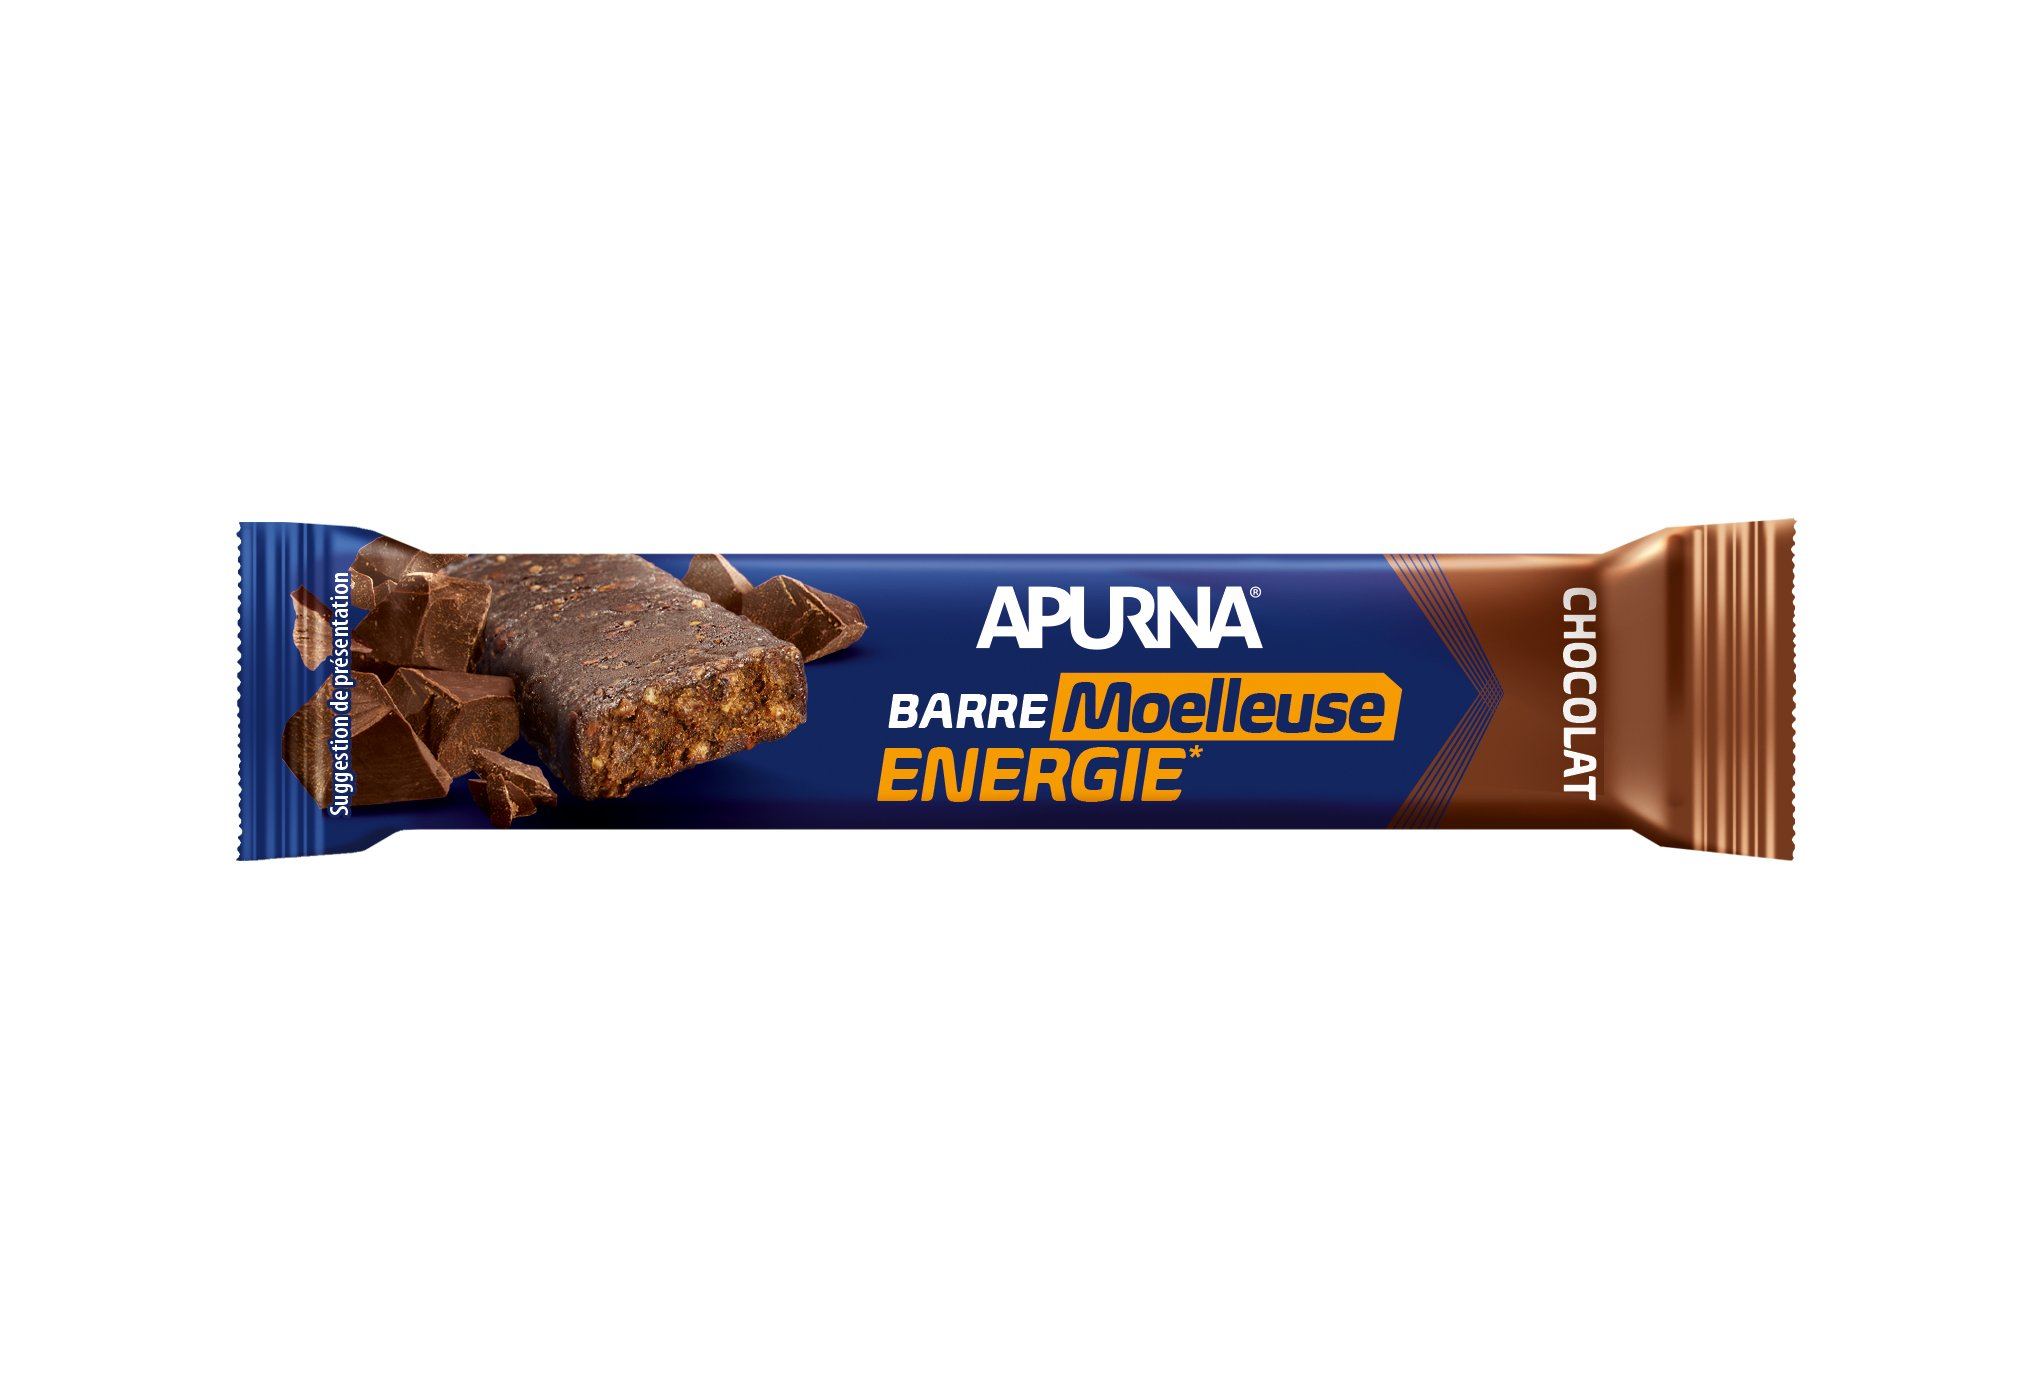 Apurna Barre énergétique - Chocolat Diététique Barres